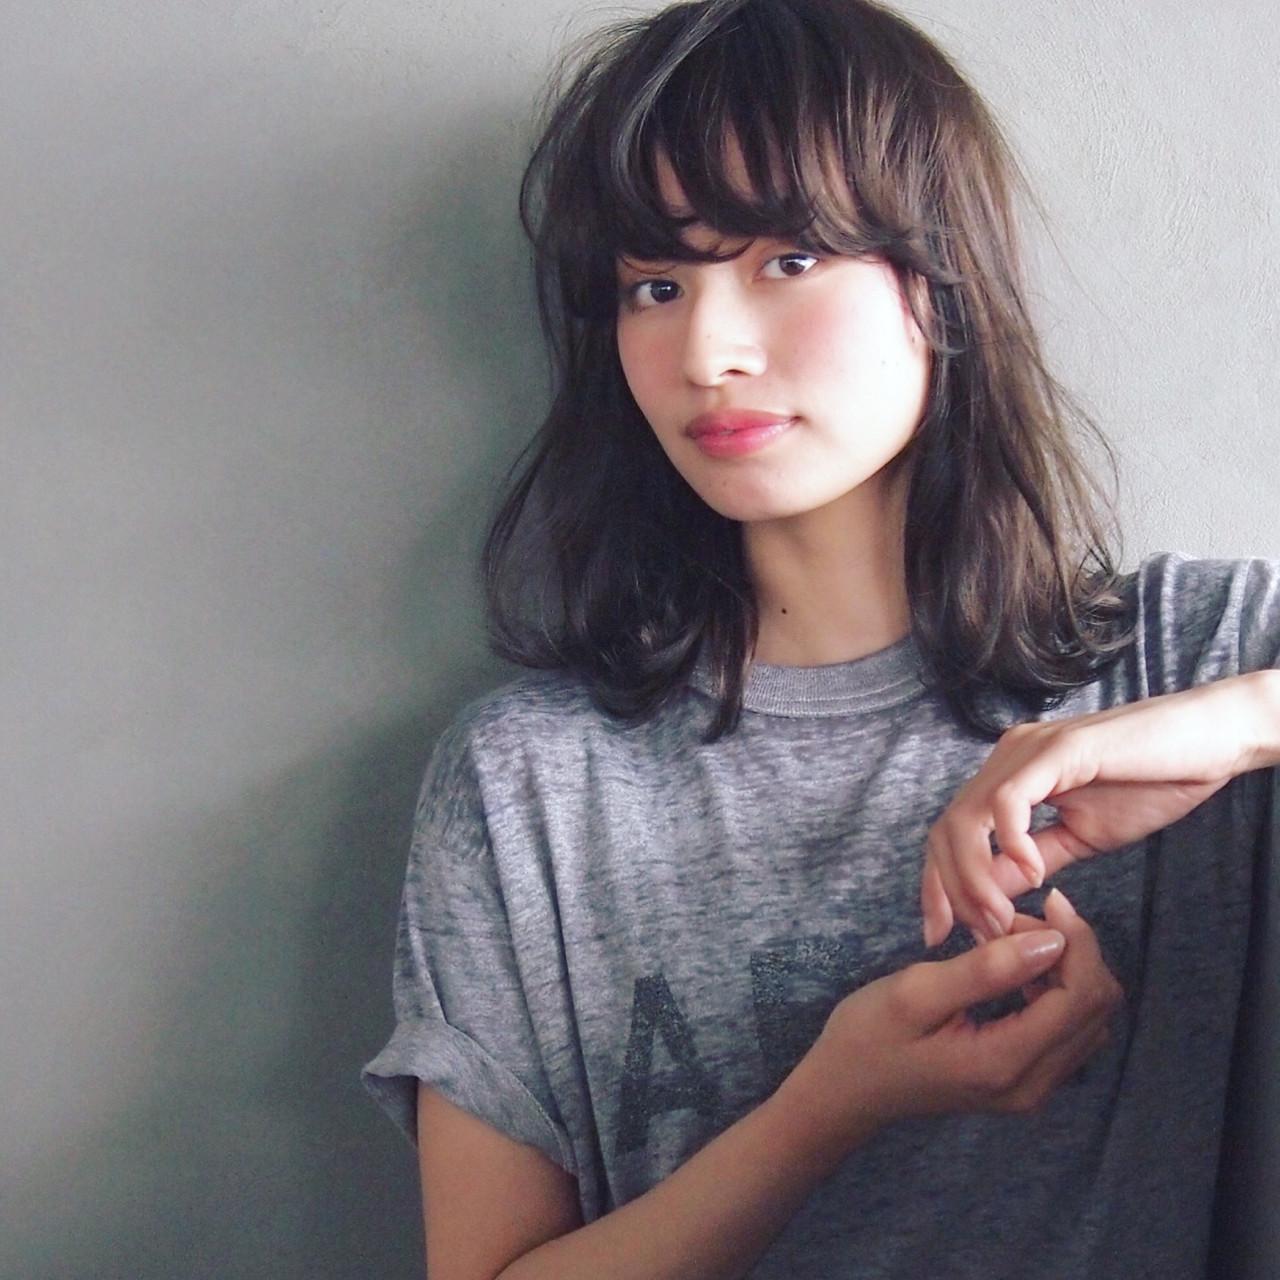 パーマ ブラウン 暗髪 大人かわいい ヘアスタイルや髪型の写真・画像